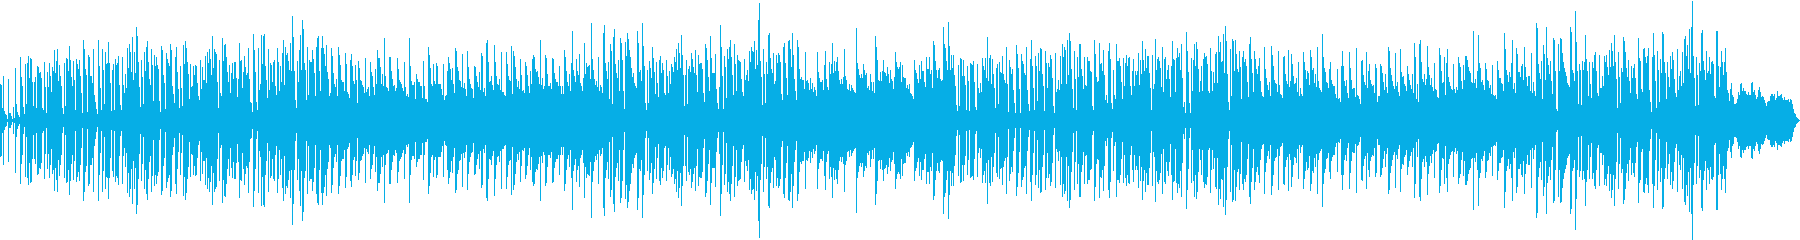 ほのぼの、ほんわか系インストの再生済みの波形